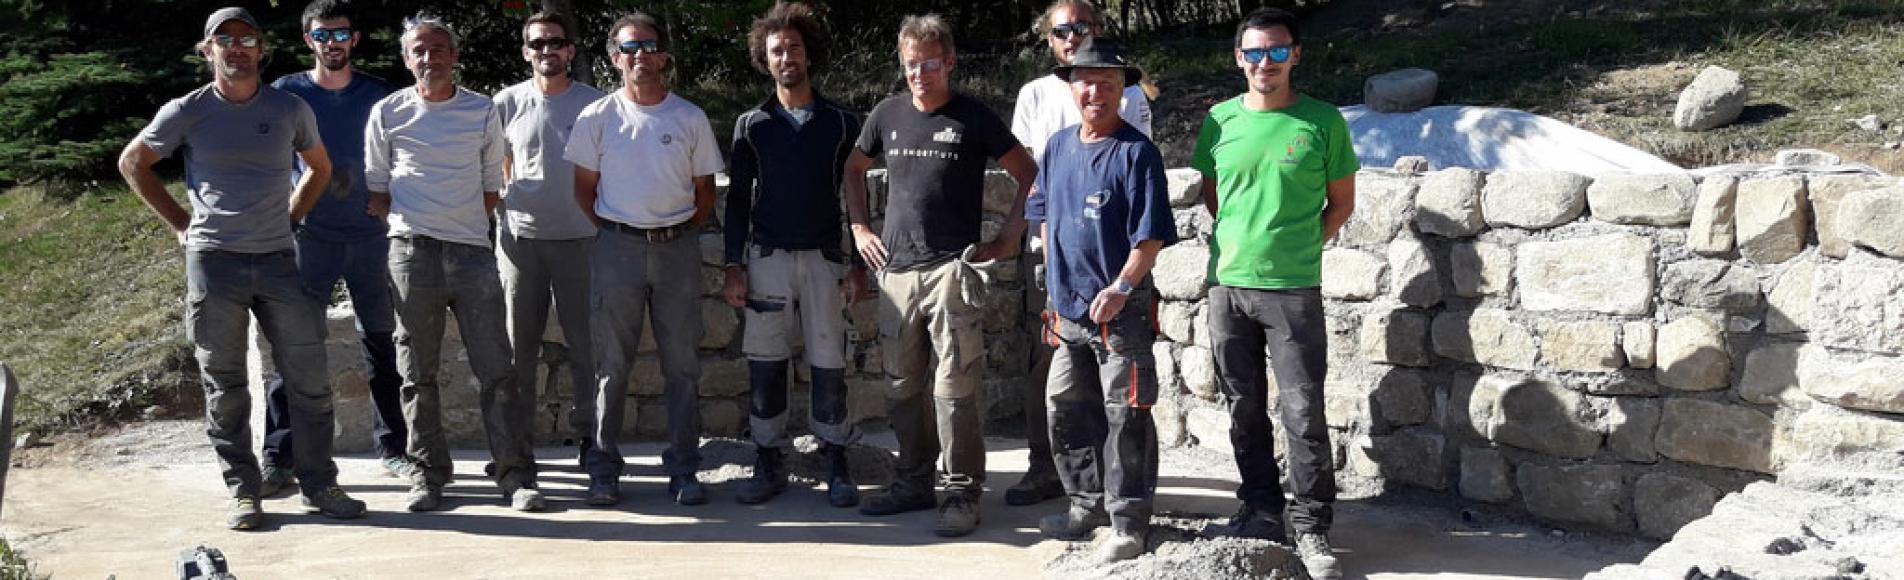 Chaillol - stage formation-chantier pierre maçonnée © S-D'houwt - 2018 Parc national des Écrins